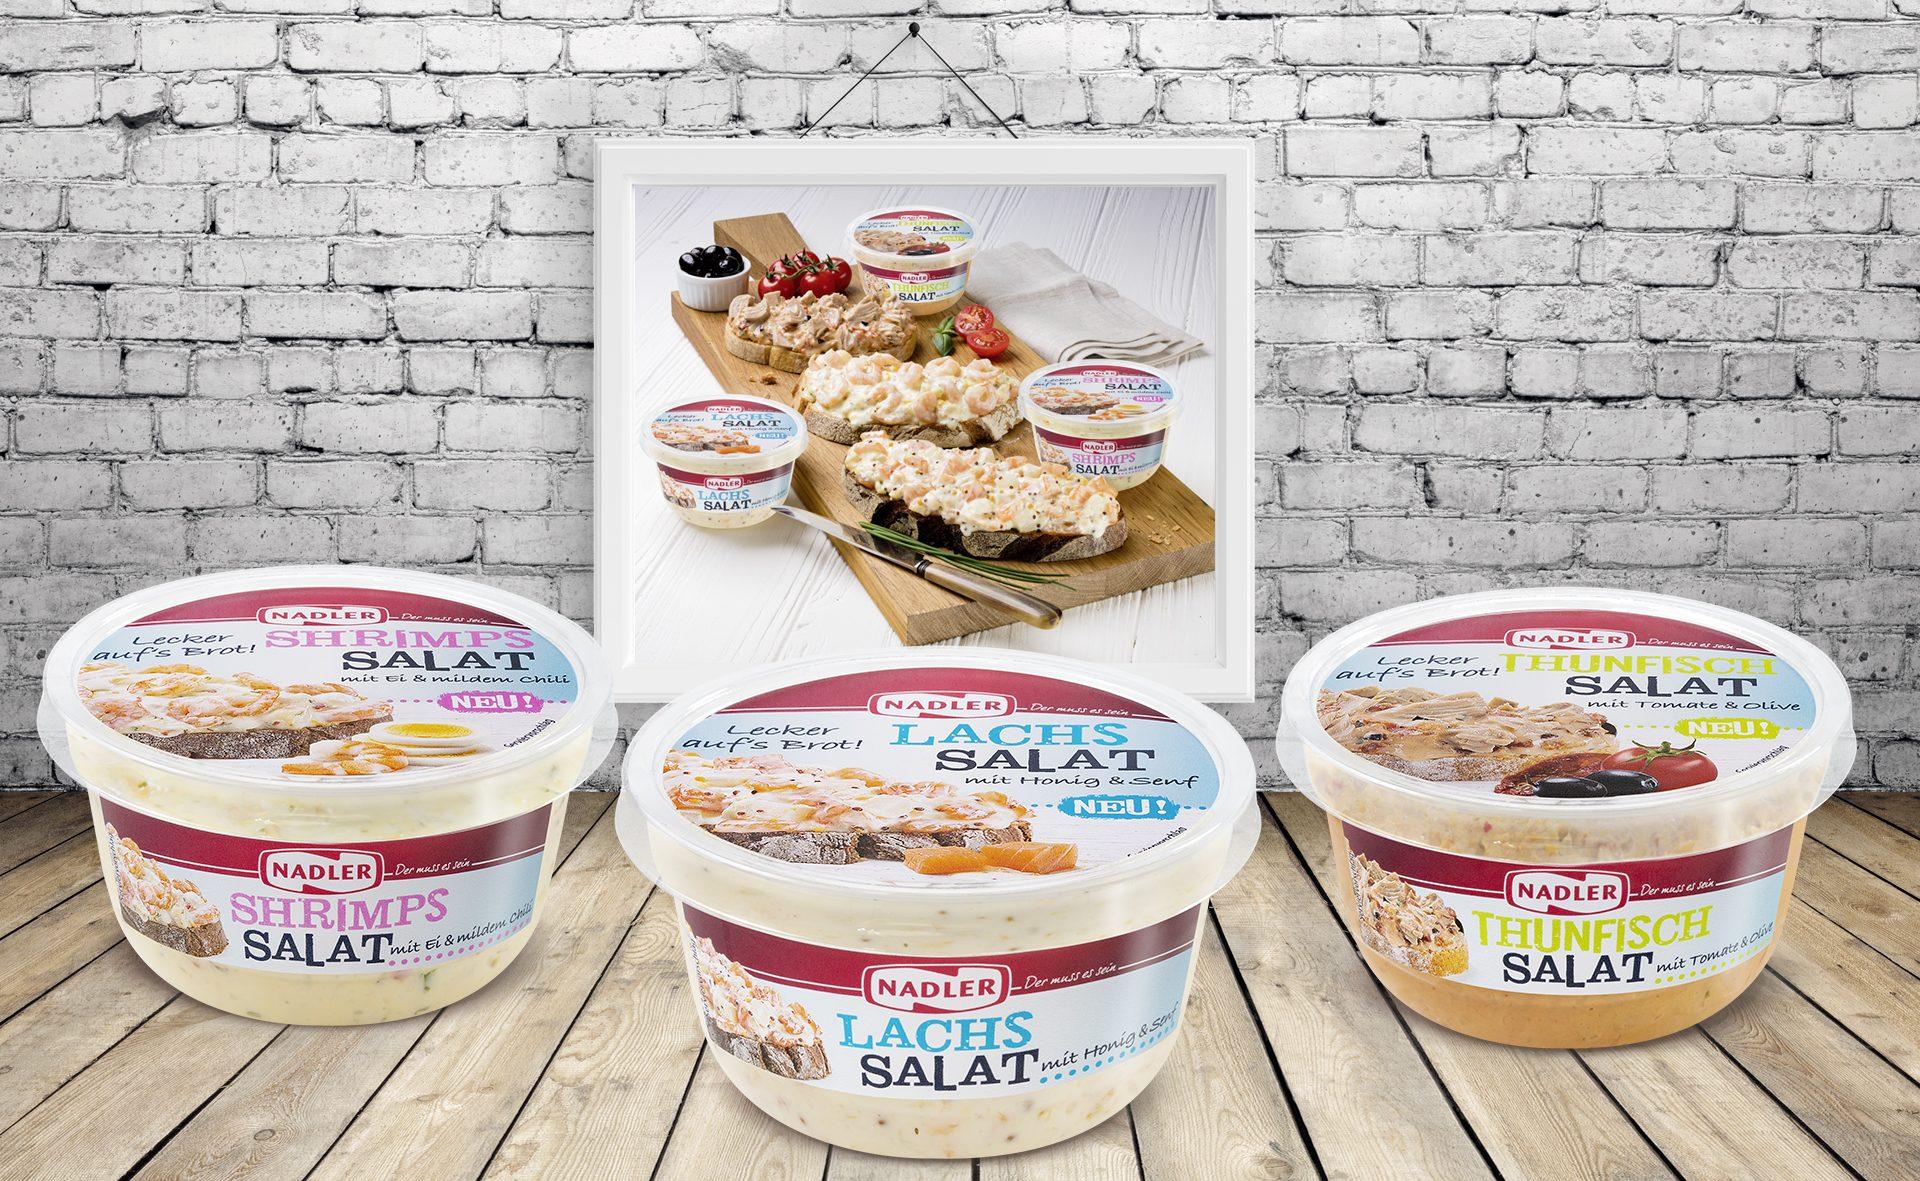 Verpackungsdesign Malvega - Referenz: Fischsalate, Nadler